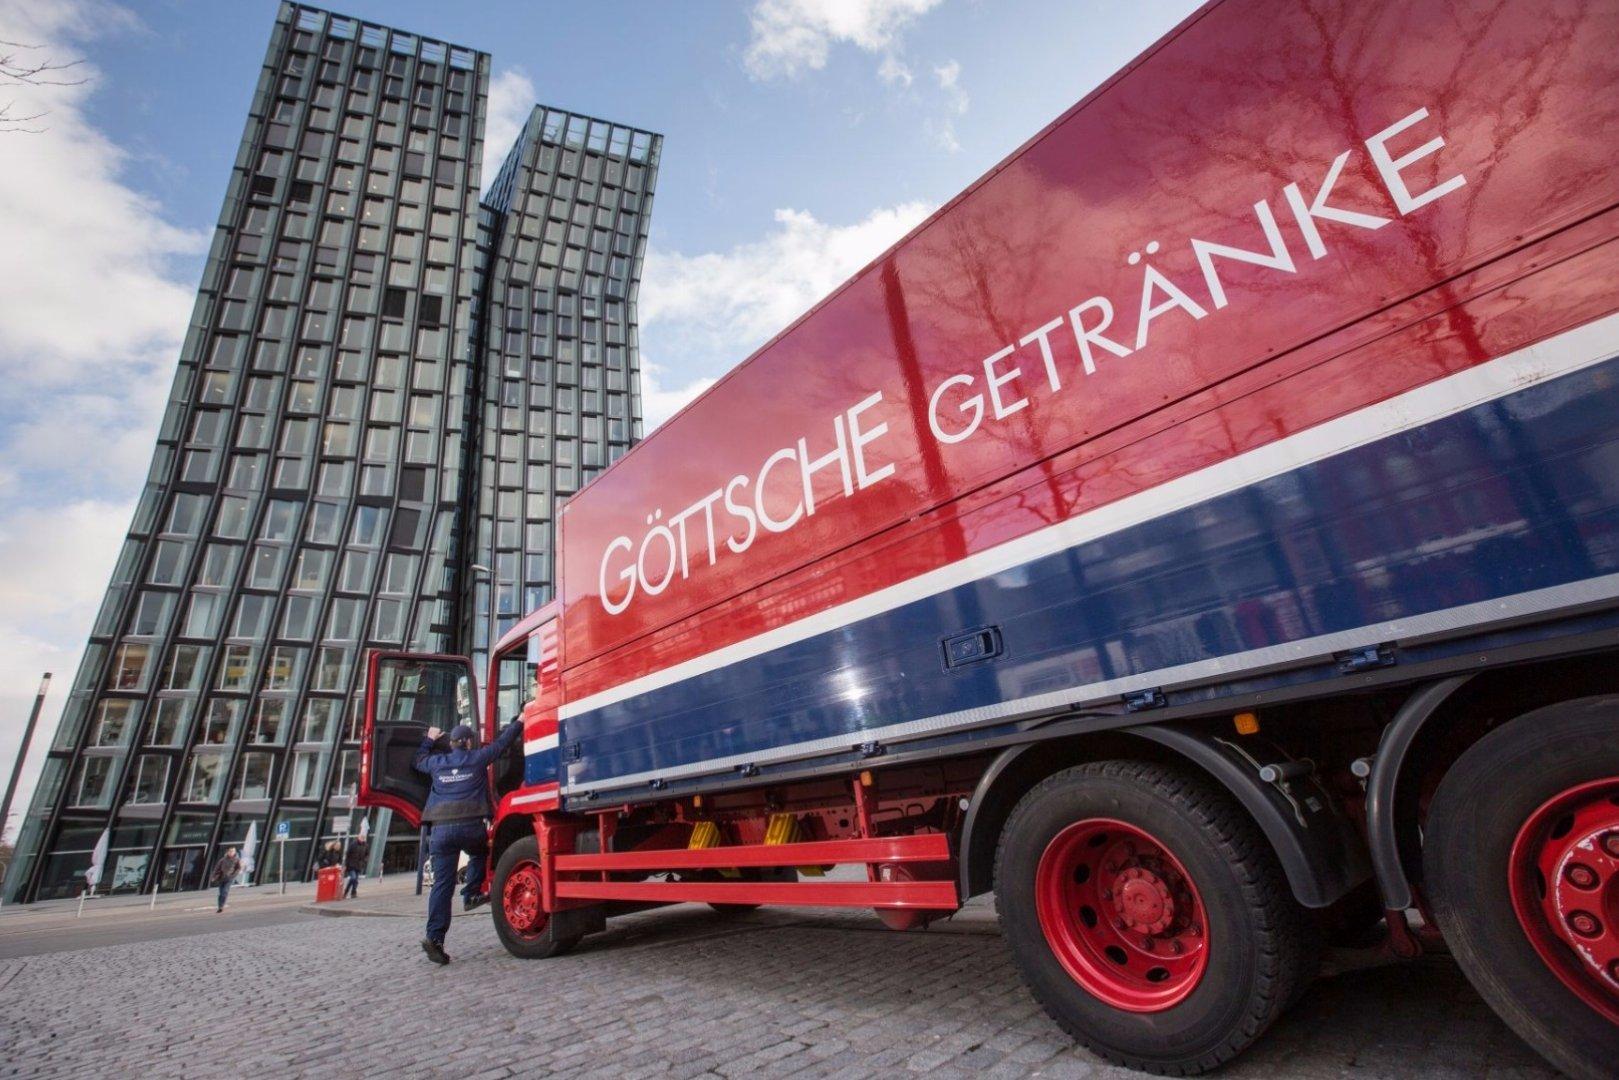 Göttsche Getränke GmbH & Co. KG in 22761 Hamburg | LOGISTIKWELT24